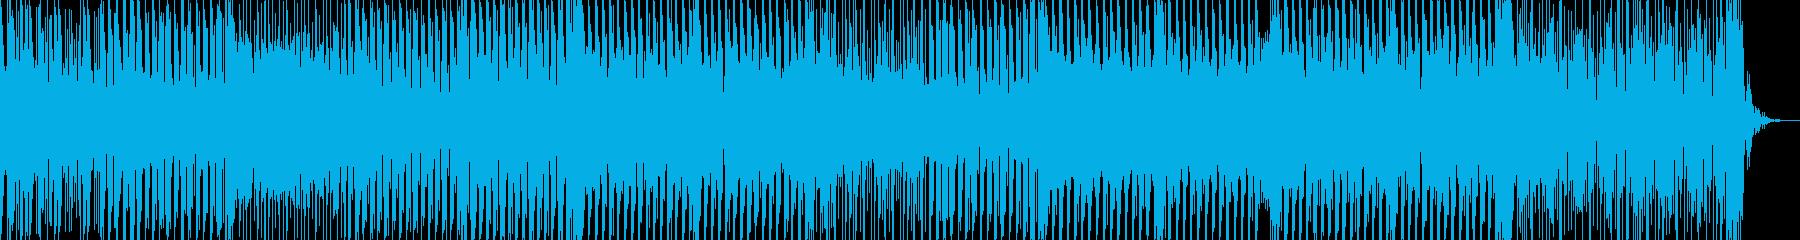 ファンク系ギターが印象的なBGMの再生済みの波形